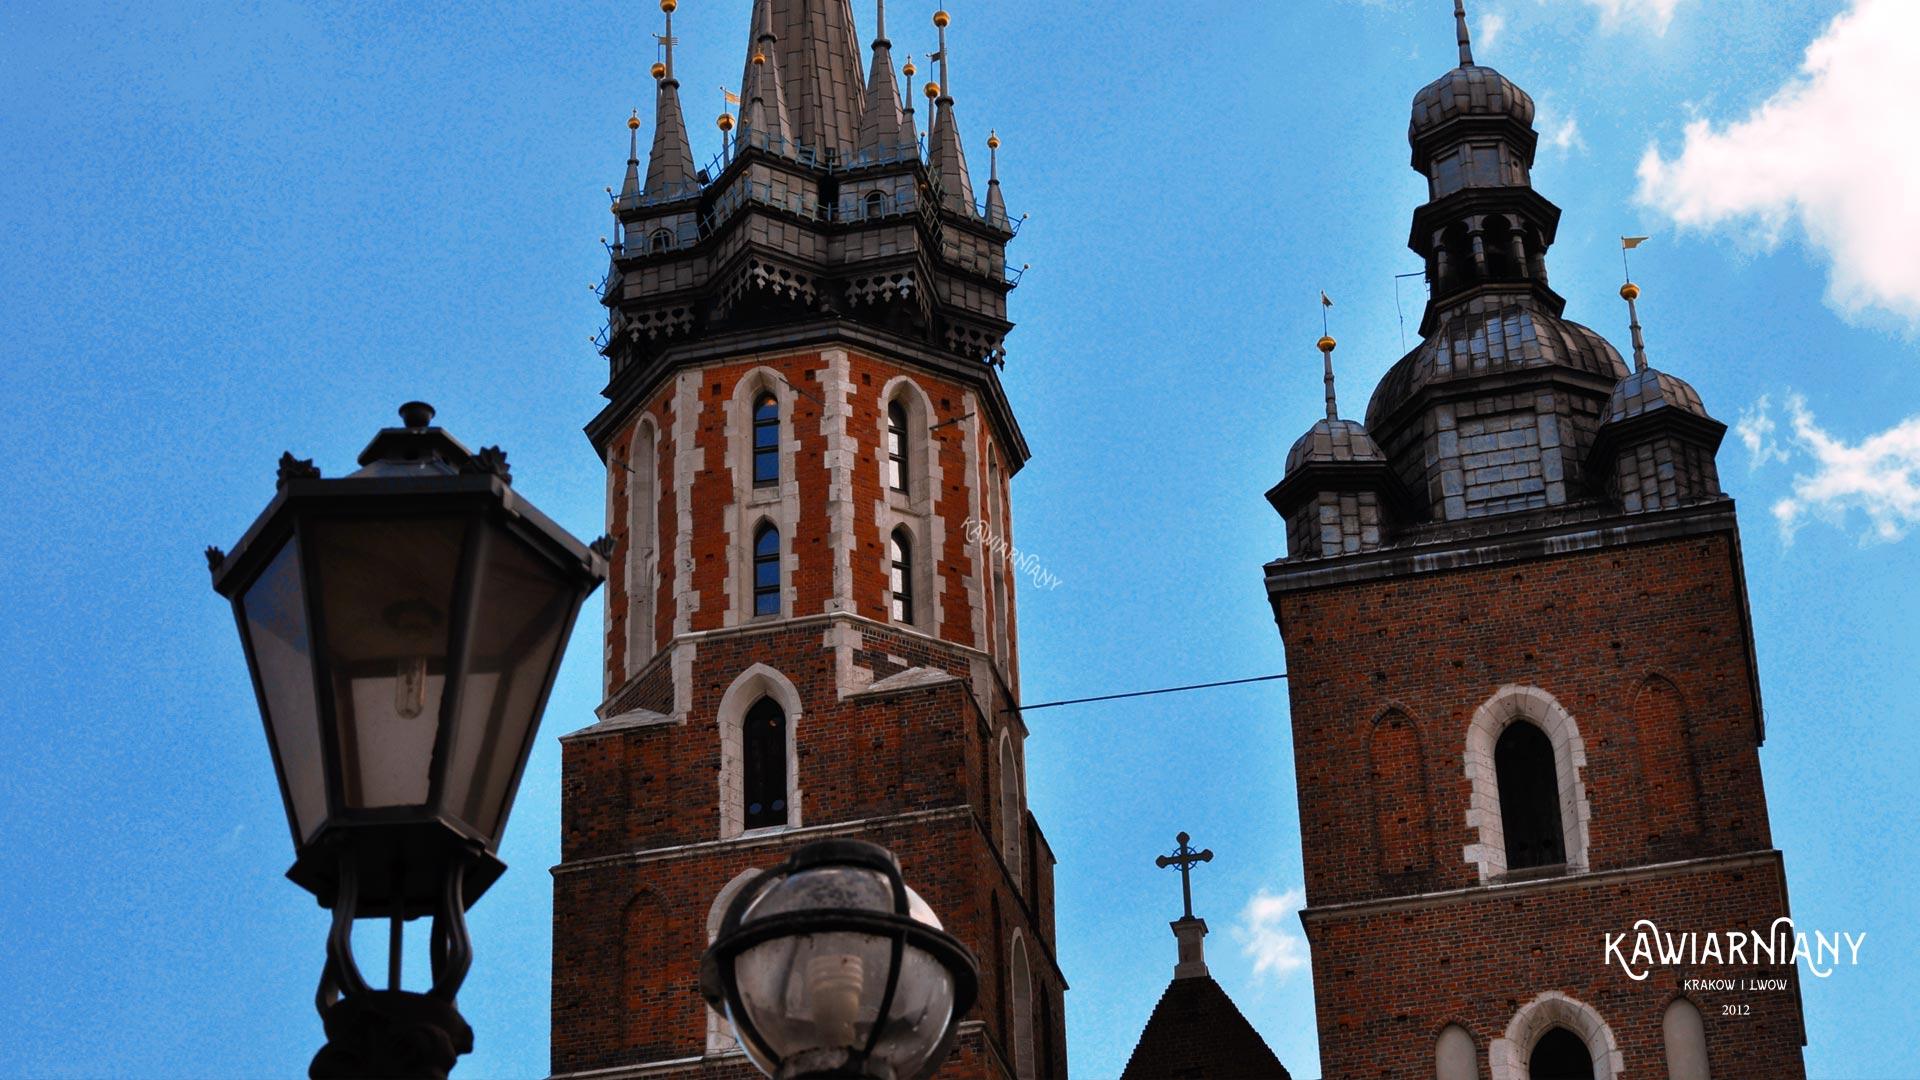 Gdzie i o której hejnał w Krakowie? Dlaczego urywa się w połowie?